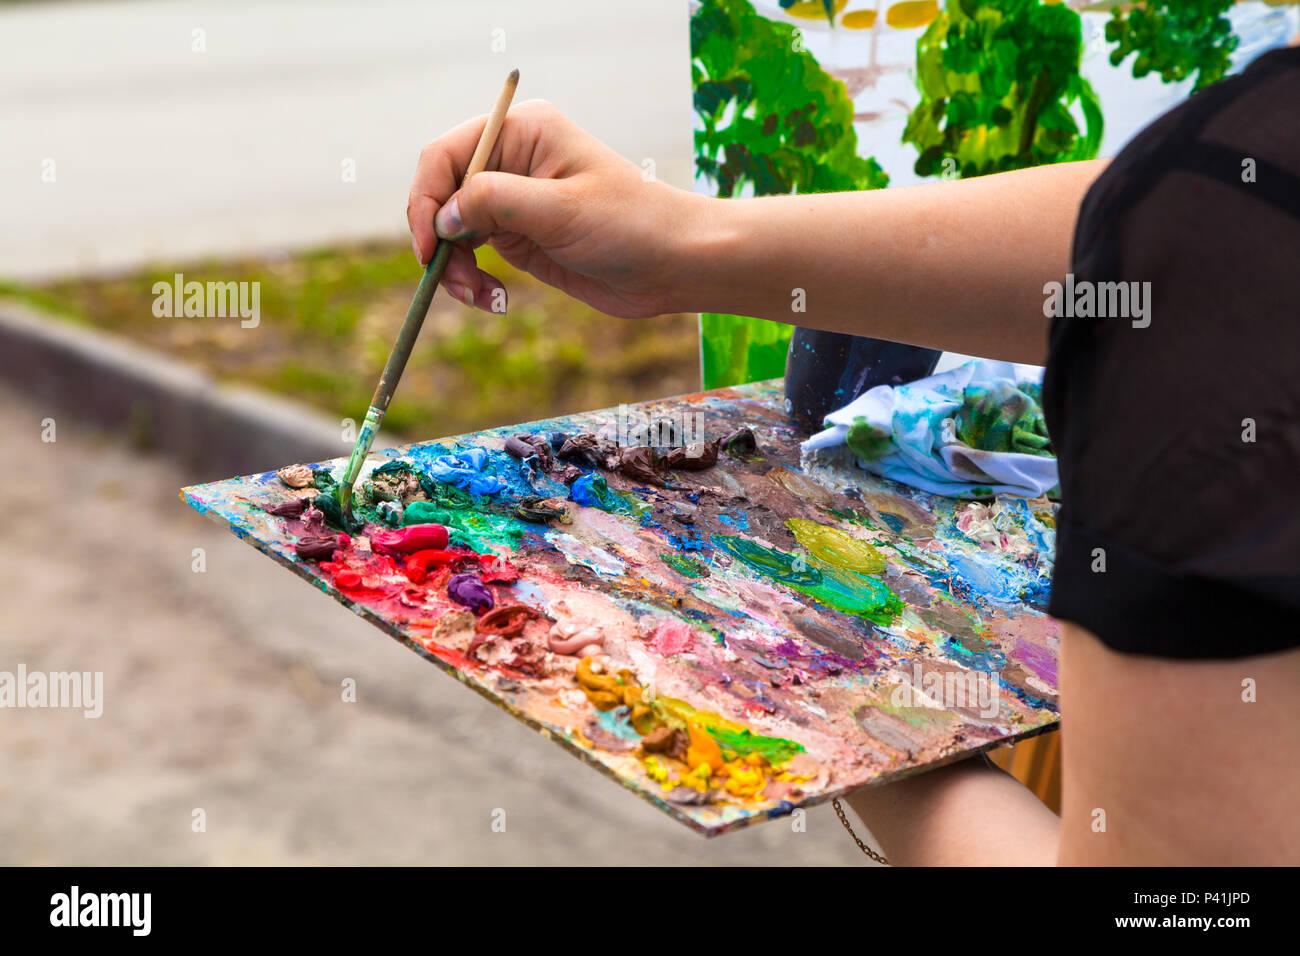 Ein Close Up Künstler Malt Auf Der Leinwand Eine Urbane Landschaft